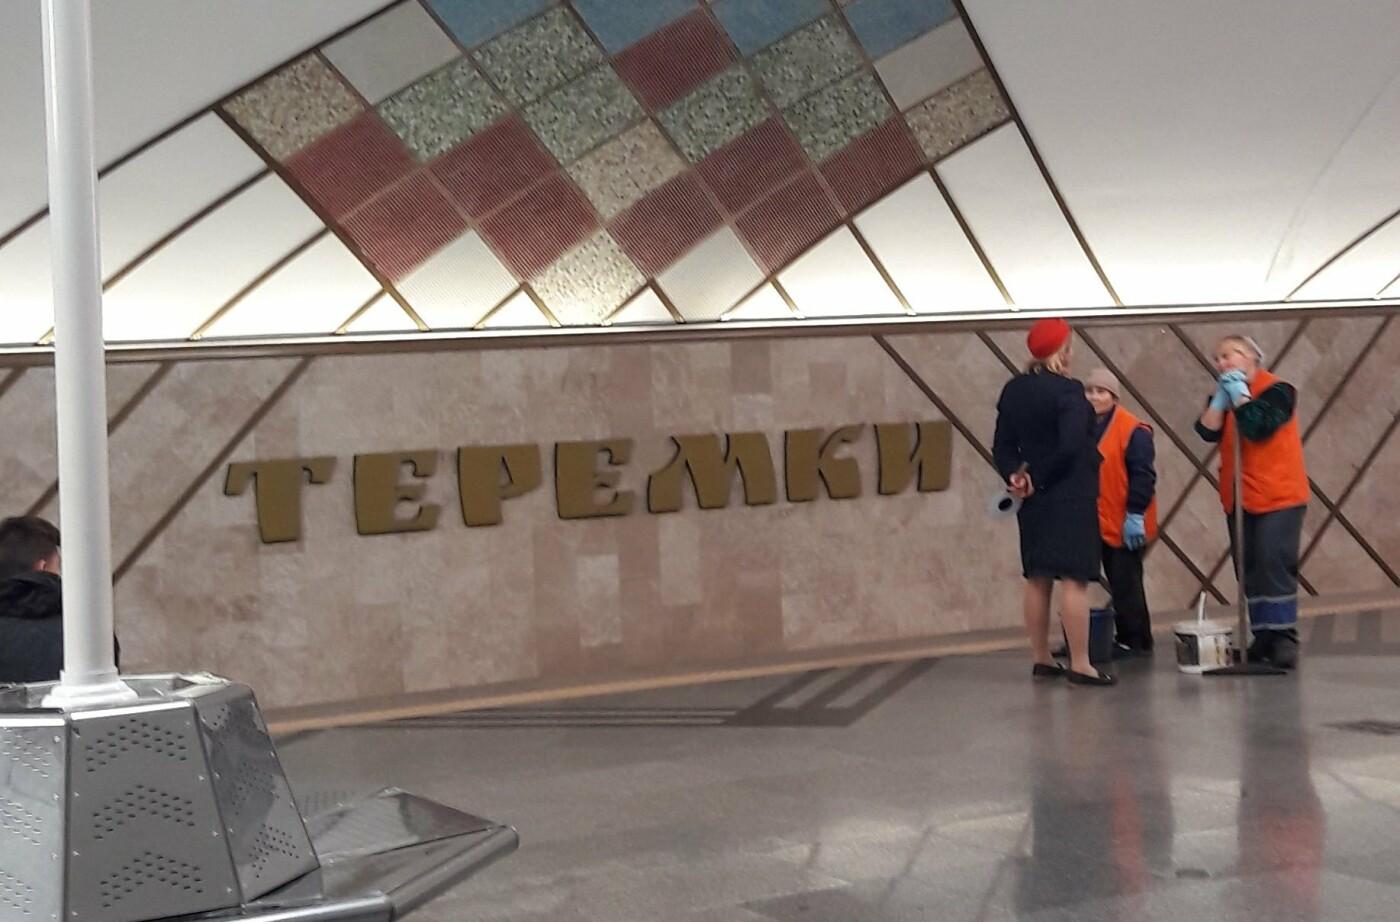 «Выставочный центр», «Ипподром» и «Теремки»: станции Киевского метро, - ФОТО, ВИДЕО, Фото: P G